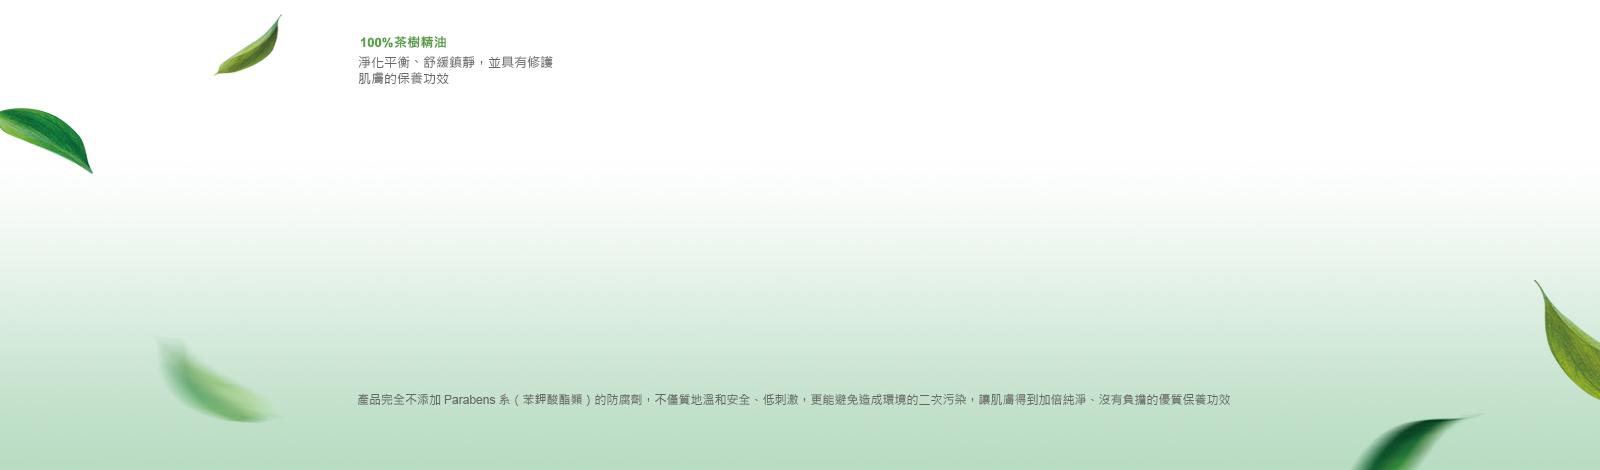 03-03.jpg